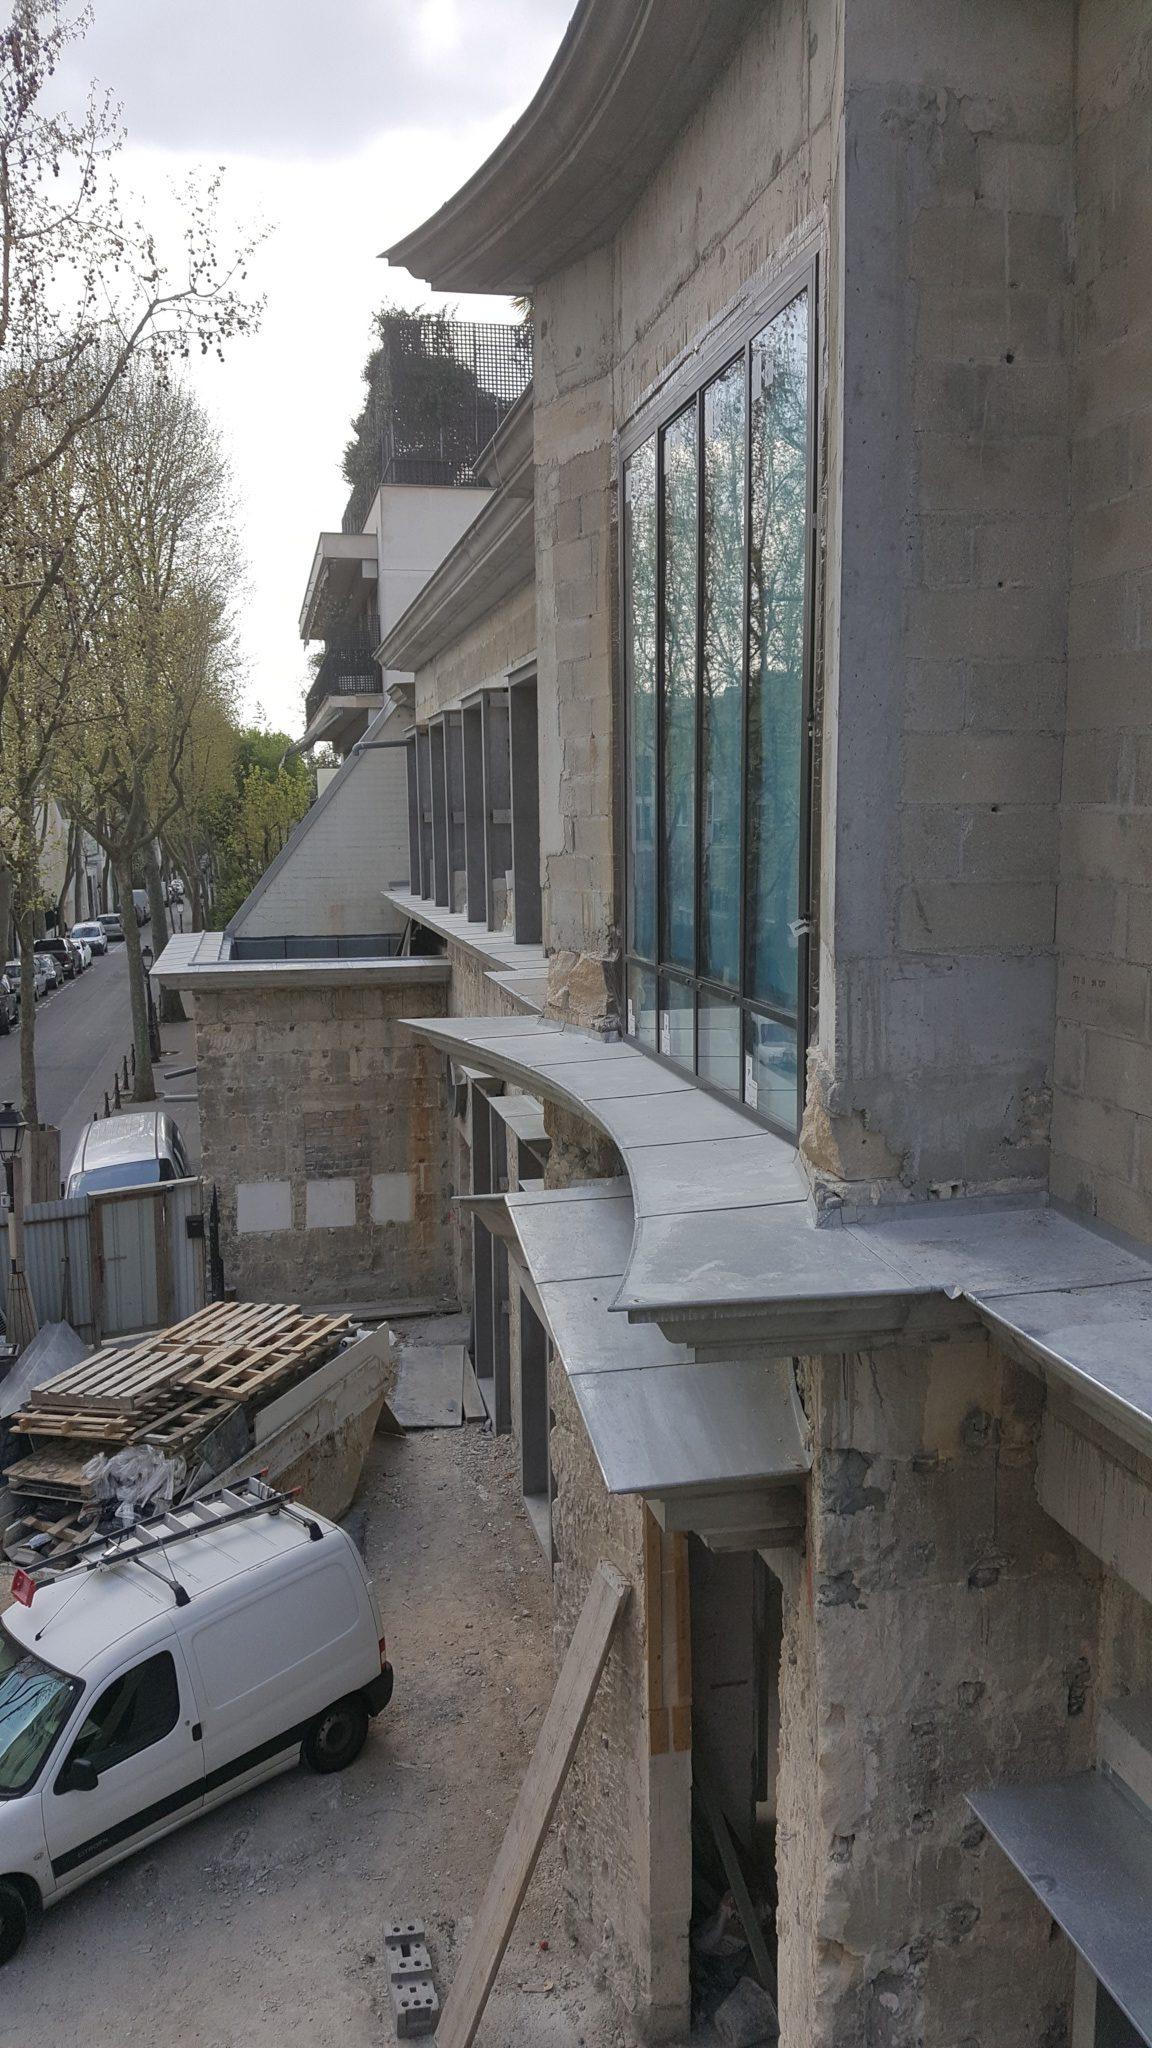 4 rue Saint James 92200 Neuilly sur Seine